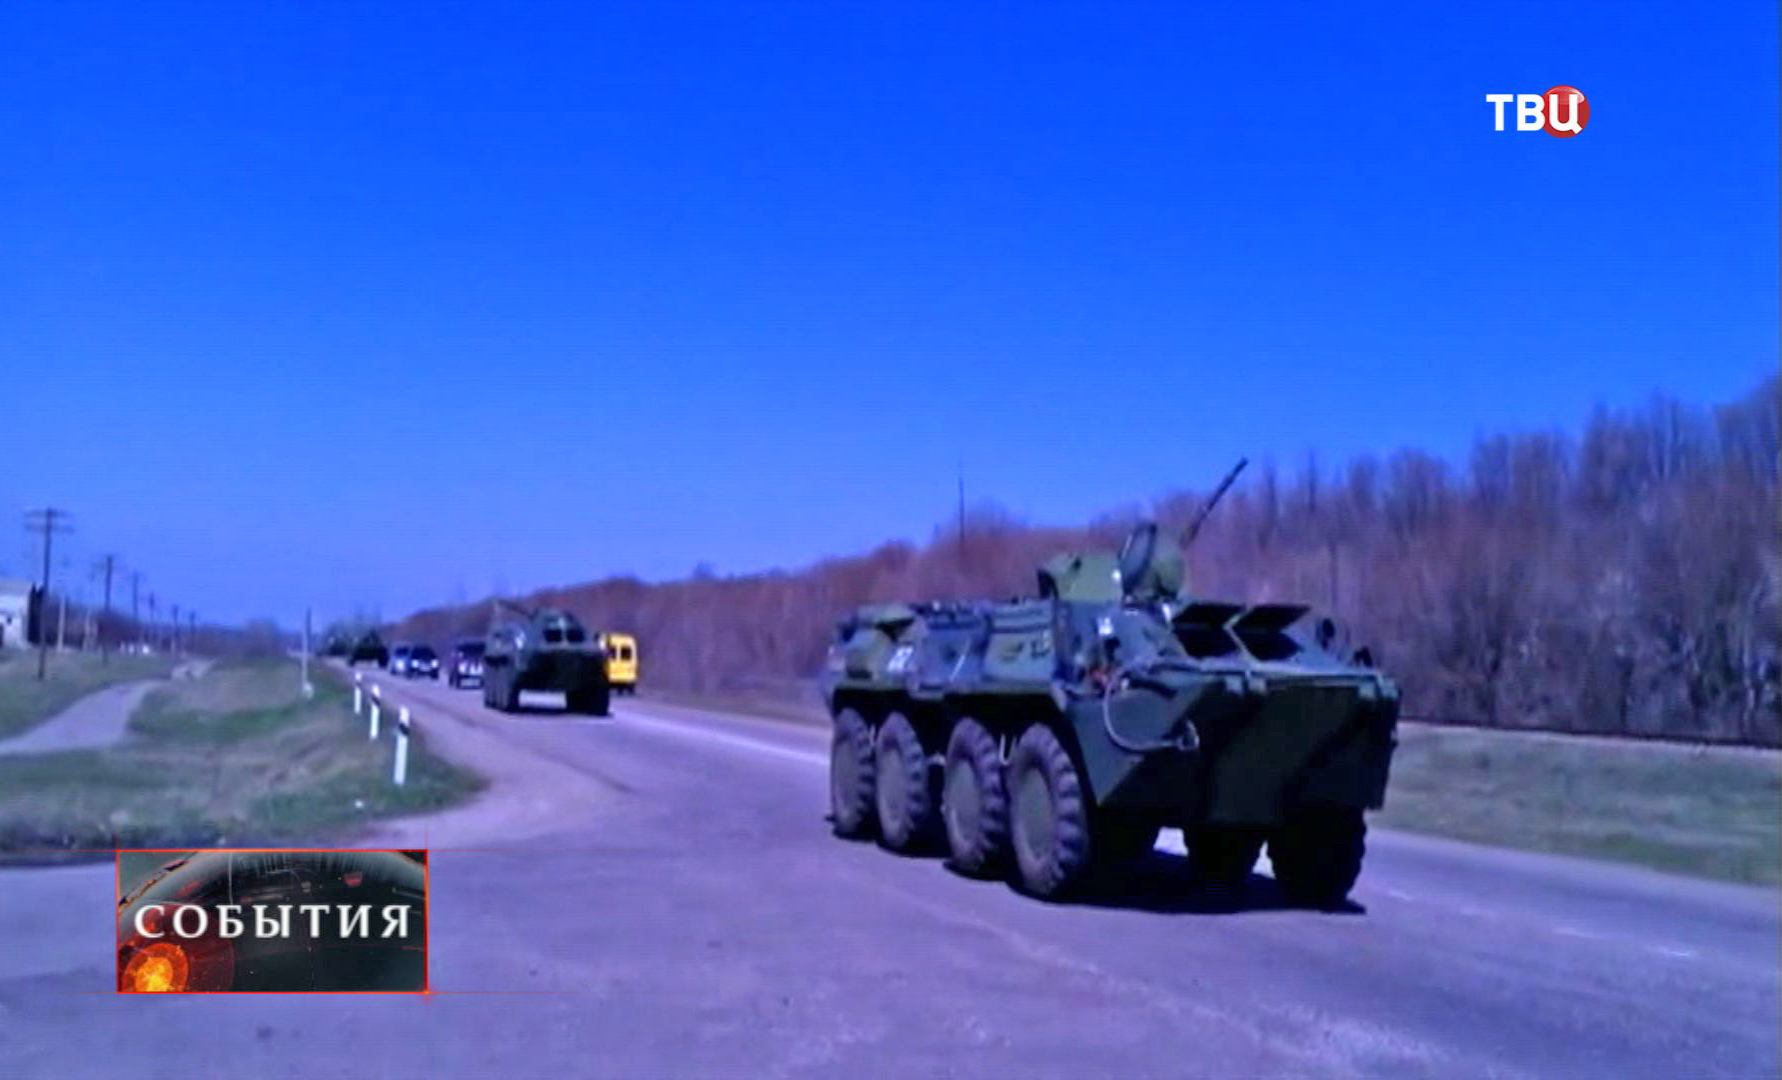 Колонна бронетехники на дороге в пригороде Луганска